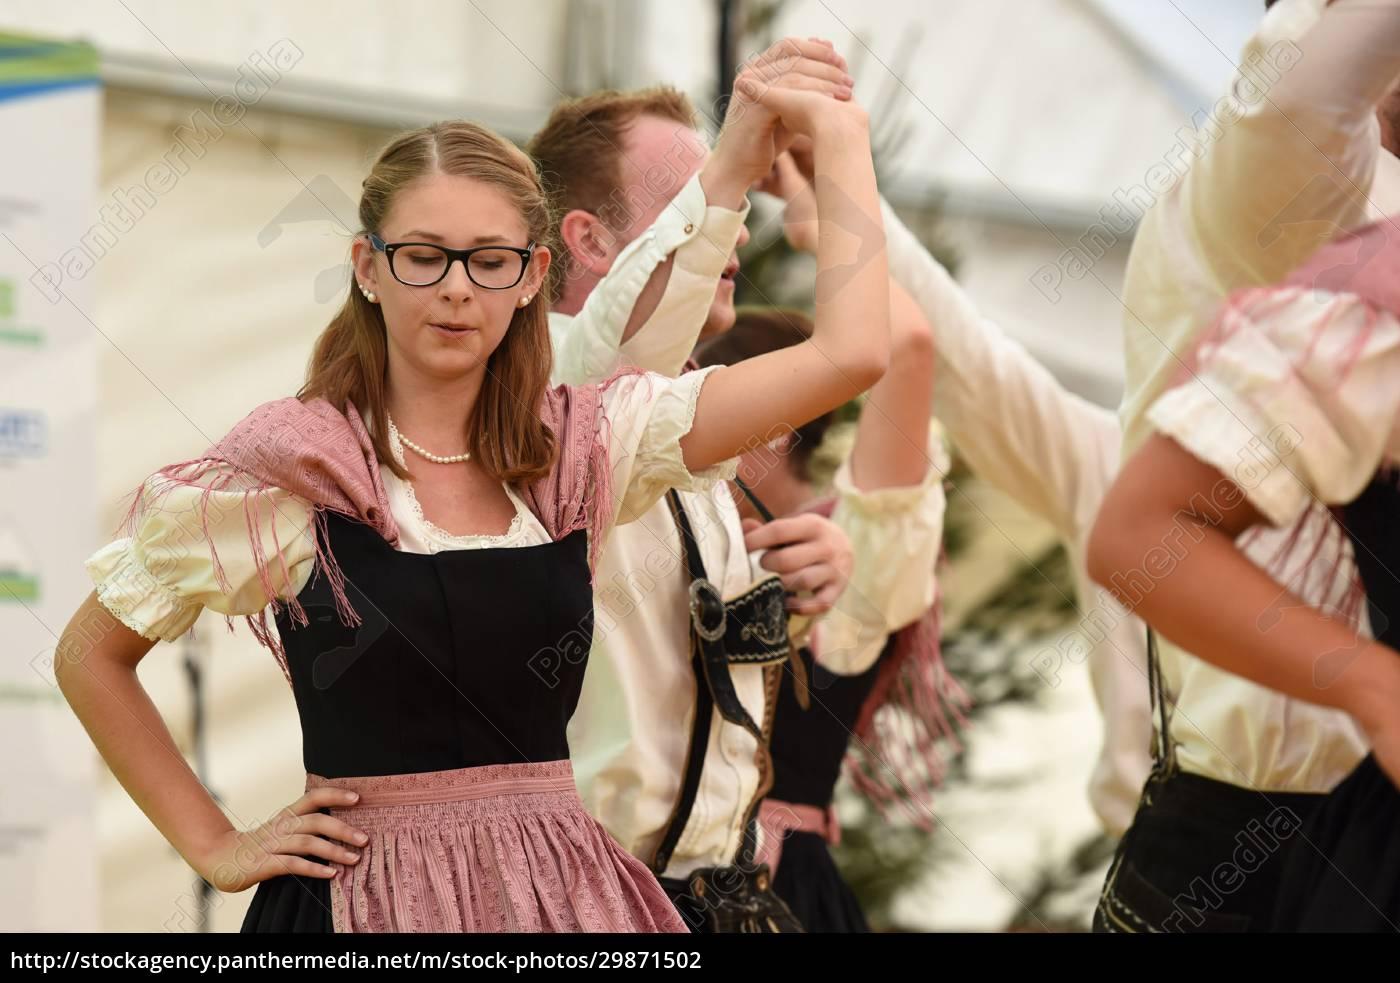 Öffentliche, aufführung, traditioneller, österreichischer, volkstänze, beim - 29871502